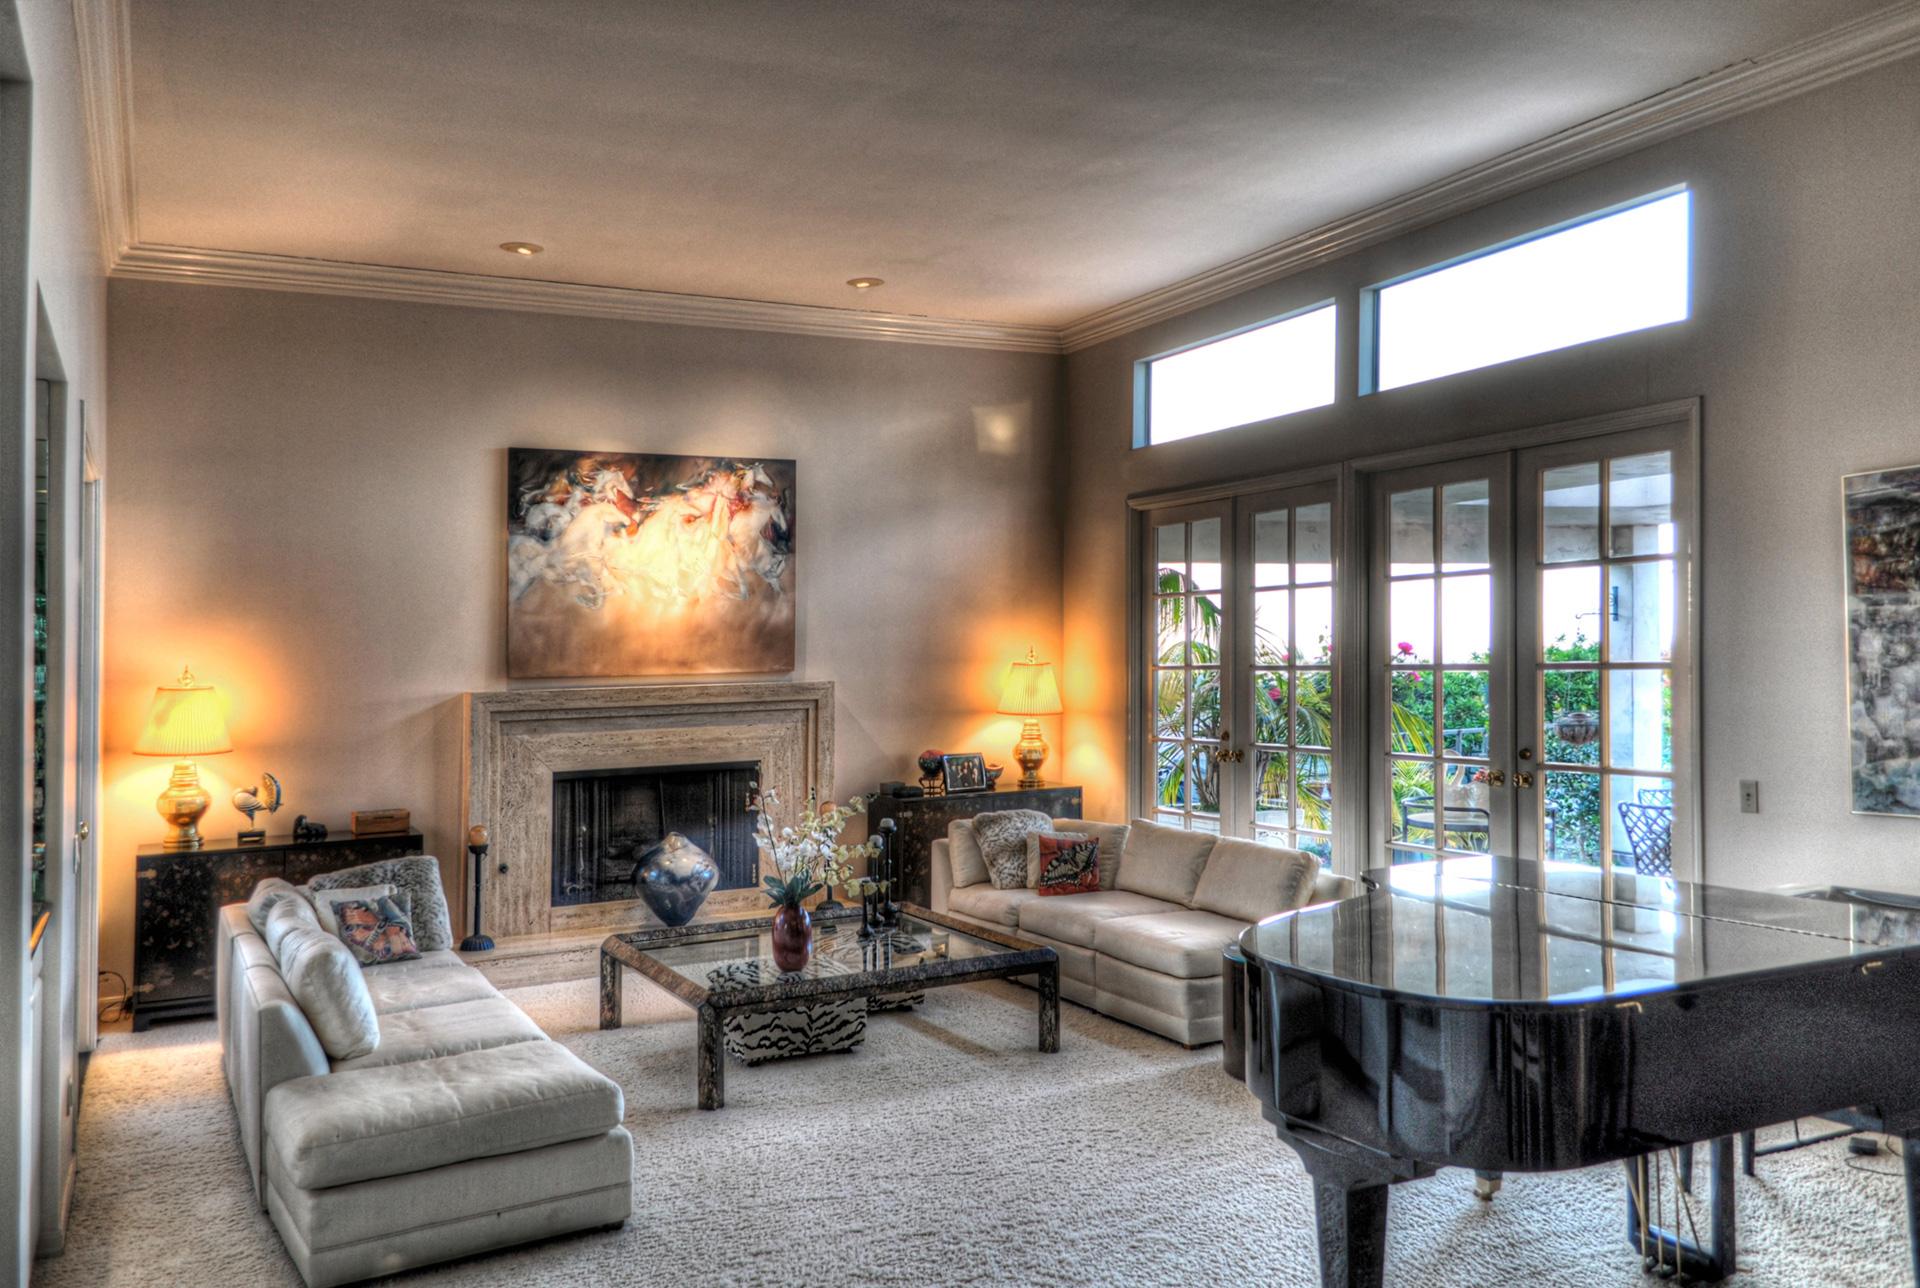 Immobilier aix op ra notre agence vous propose la location et la vente d 39 - Agence immobiliere londres location ...